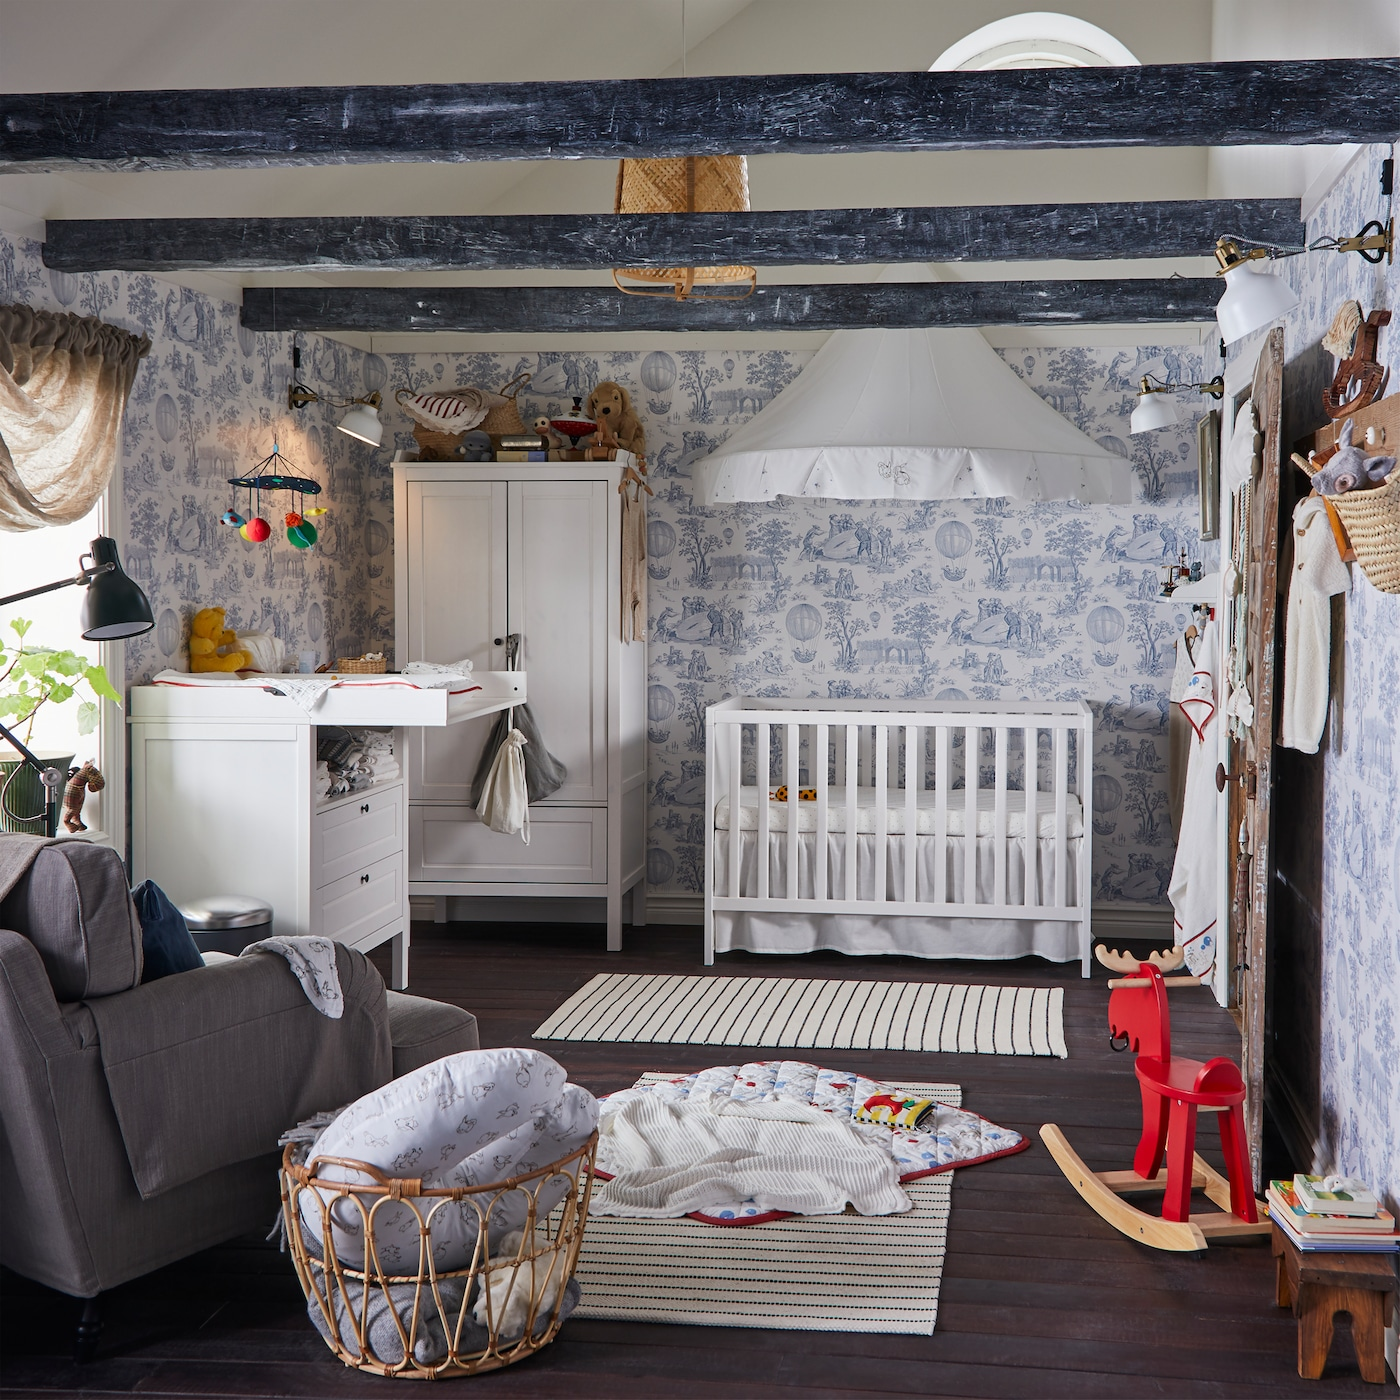 Ein nostalgisches Babyzimmer mit weisser Kommode, Wickeltisch, weissem Babybett, Babydecke, Teppich und Mobile.